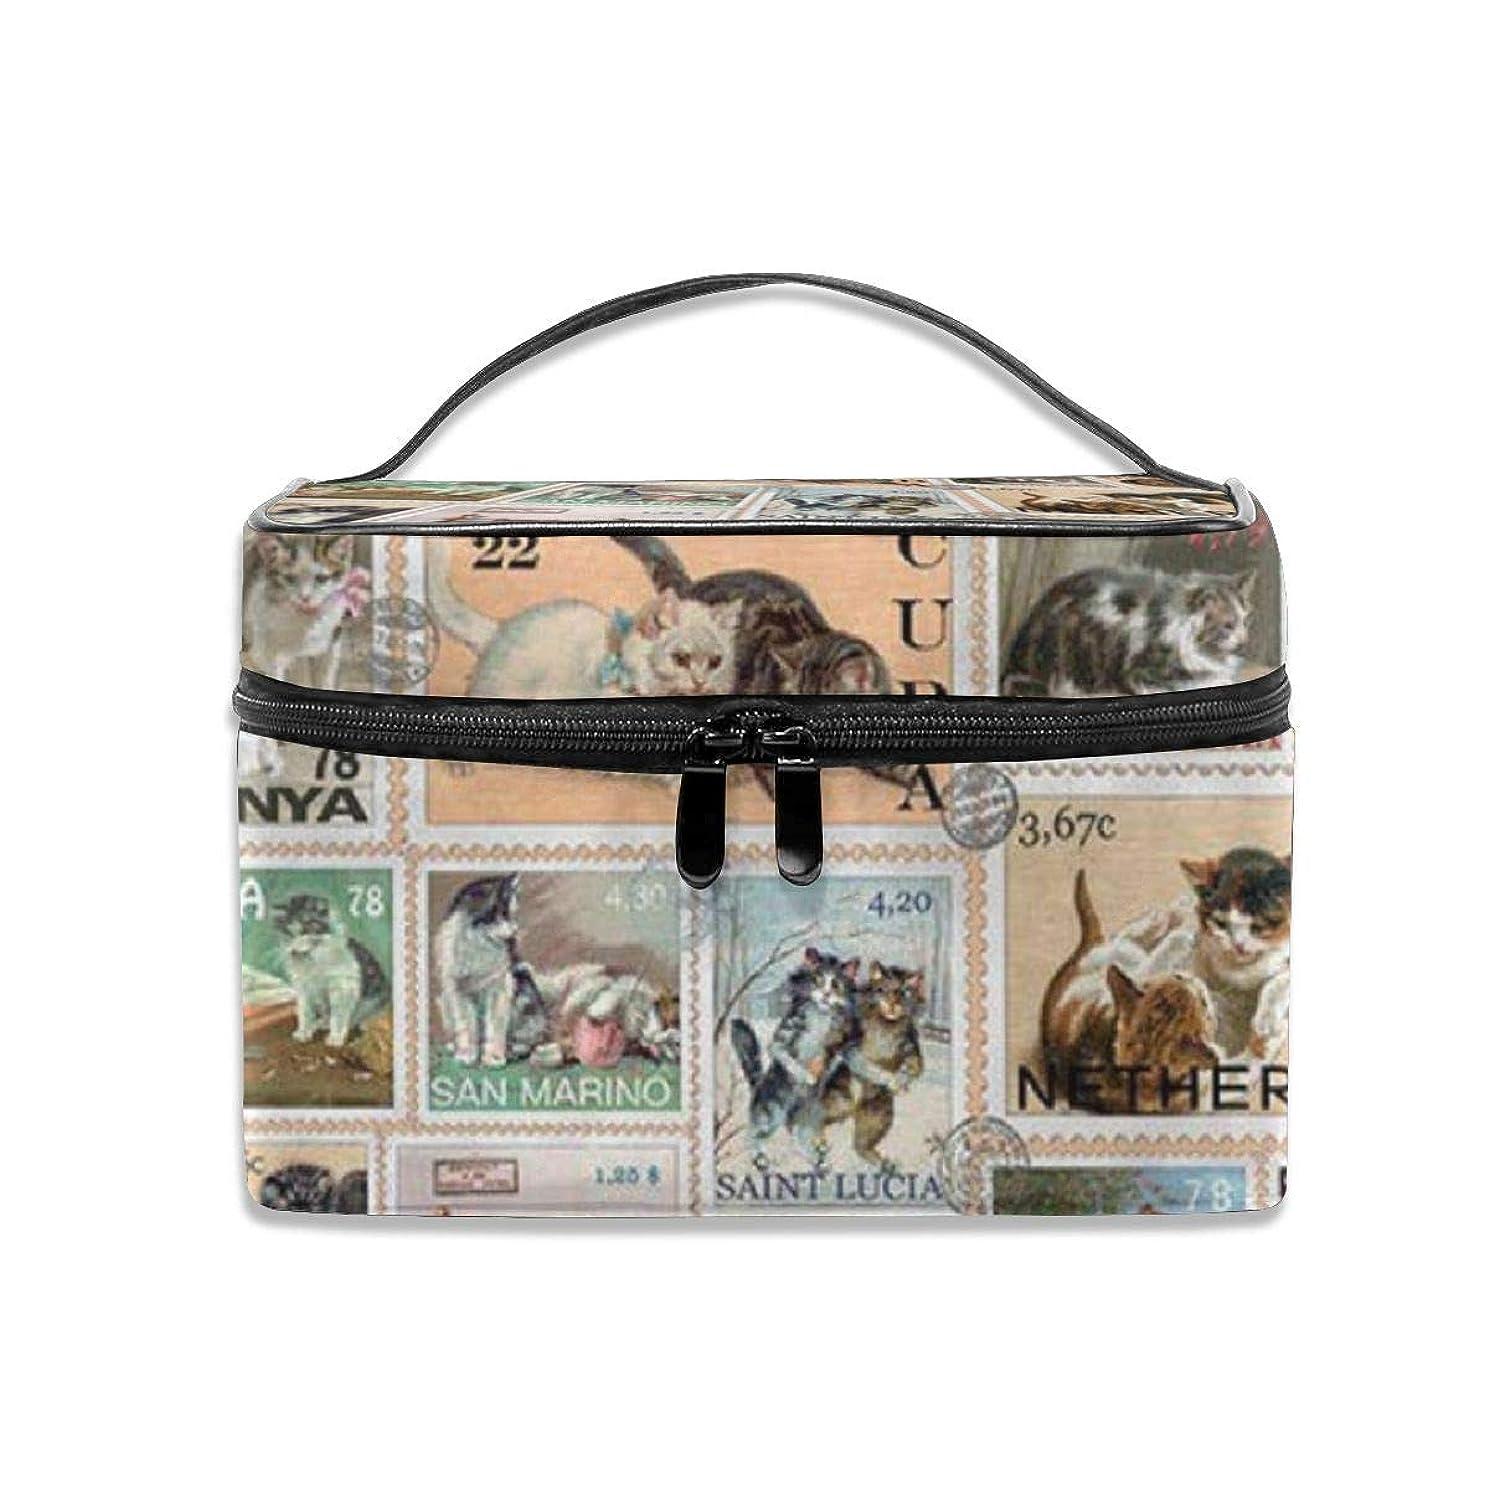 統計社交的値下げ猫柄 切手 綴りの図案 化粧ポーチ 化粧品バッグ 化粧品収納バッグ 収納バッグ 防水ウォッシュバッグ ポータブル 持ち運び便利 大容量 軽量 ユニセックス 旅行する